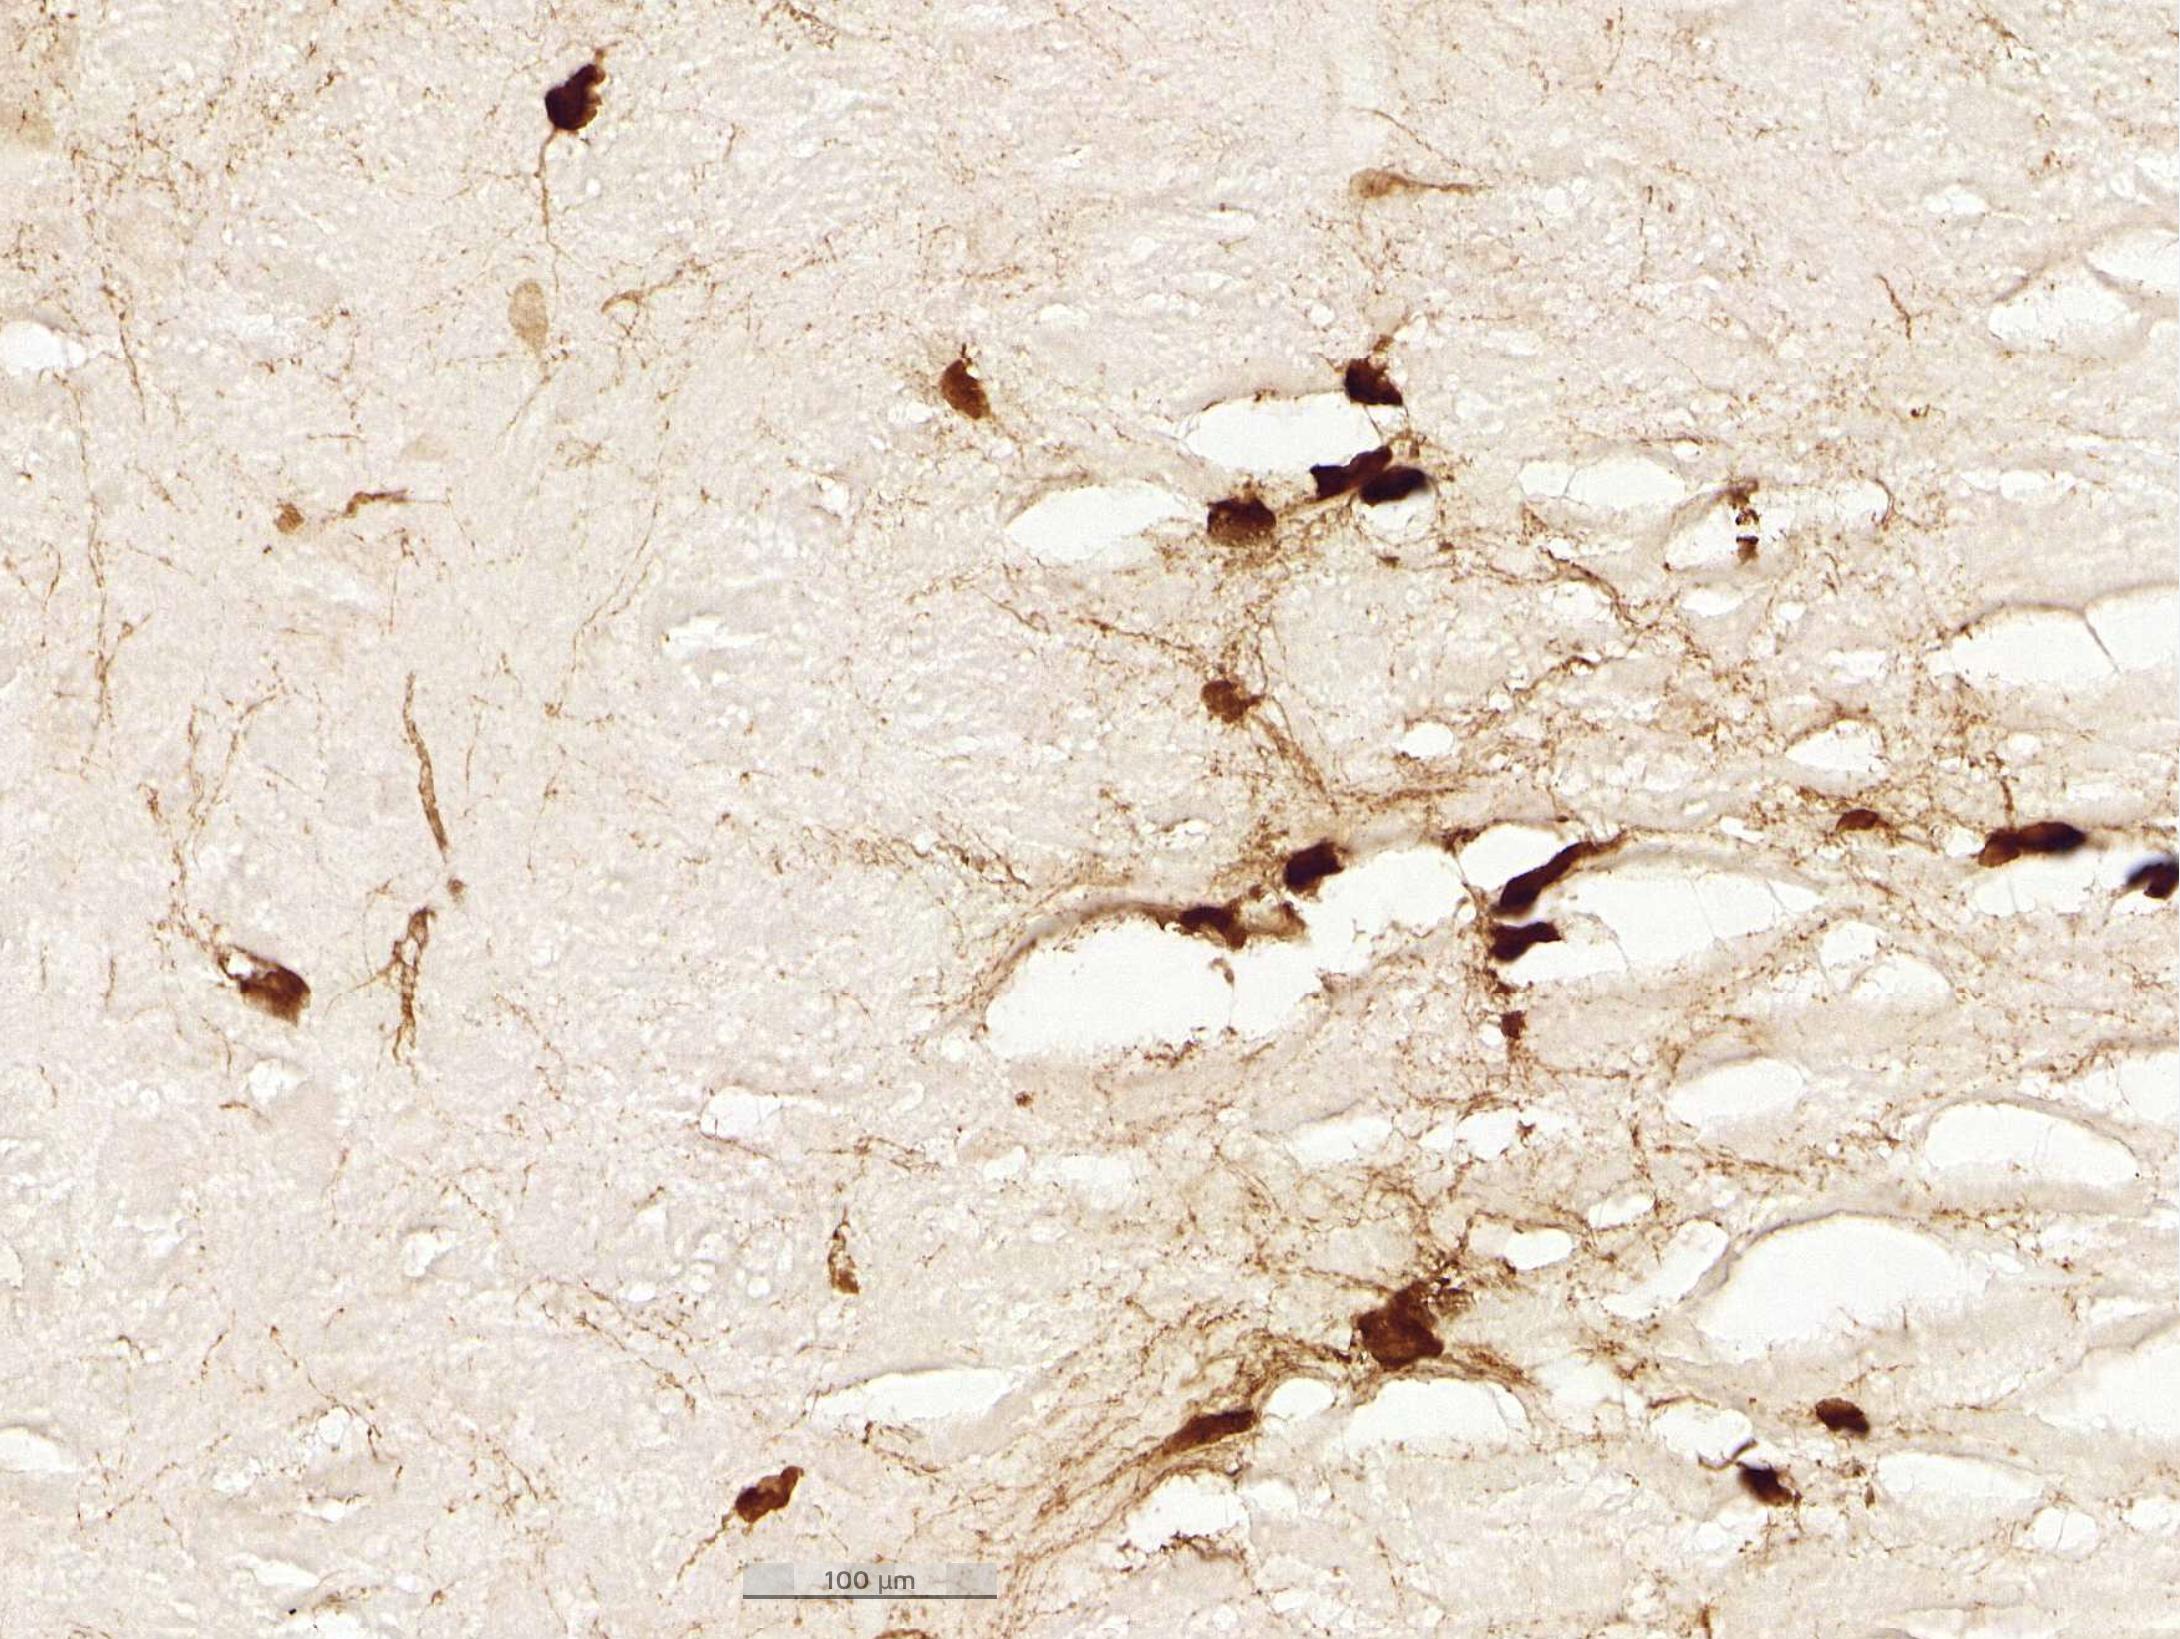 rat-motoneuron-before AI detection